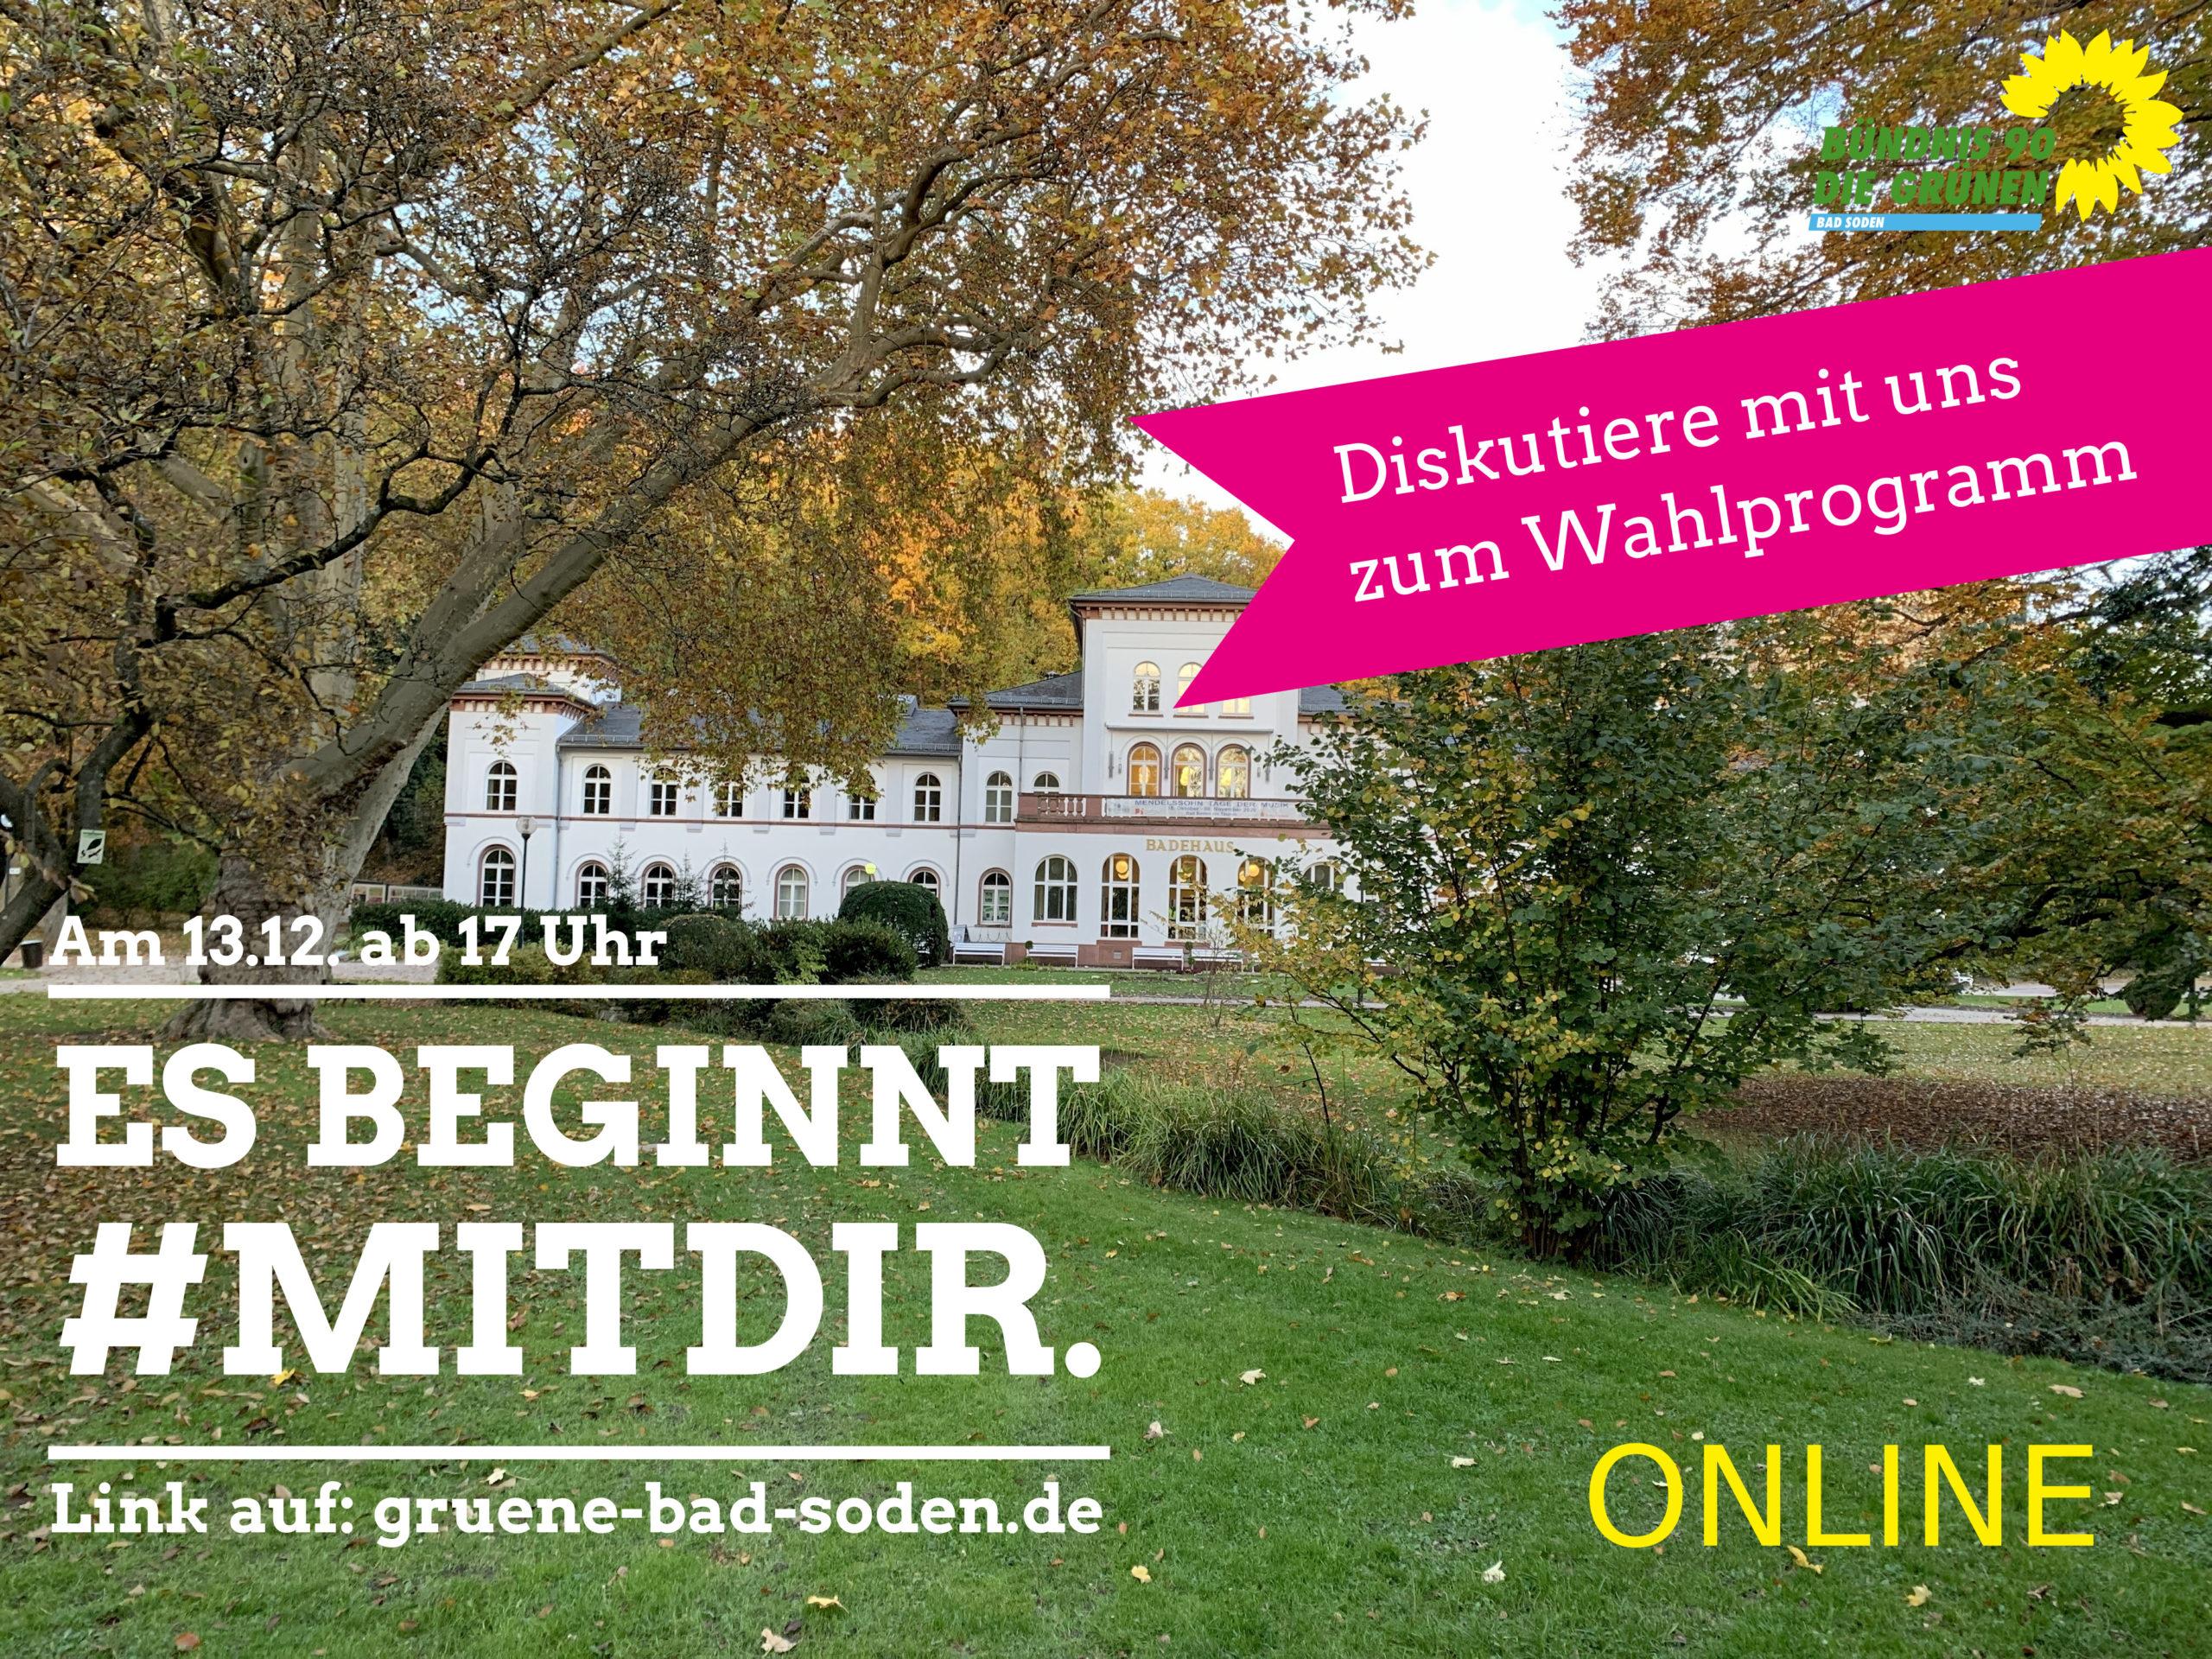 Unser neues Wahlprogramm für Bad Soden – zur Diskussion!